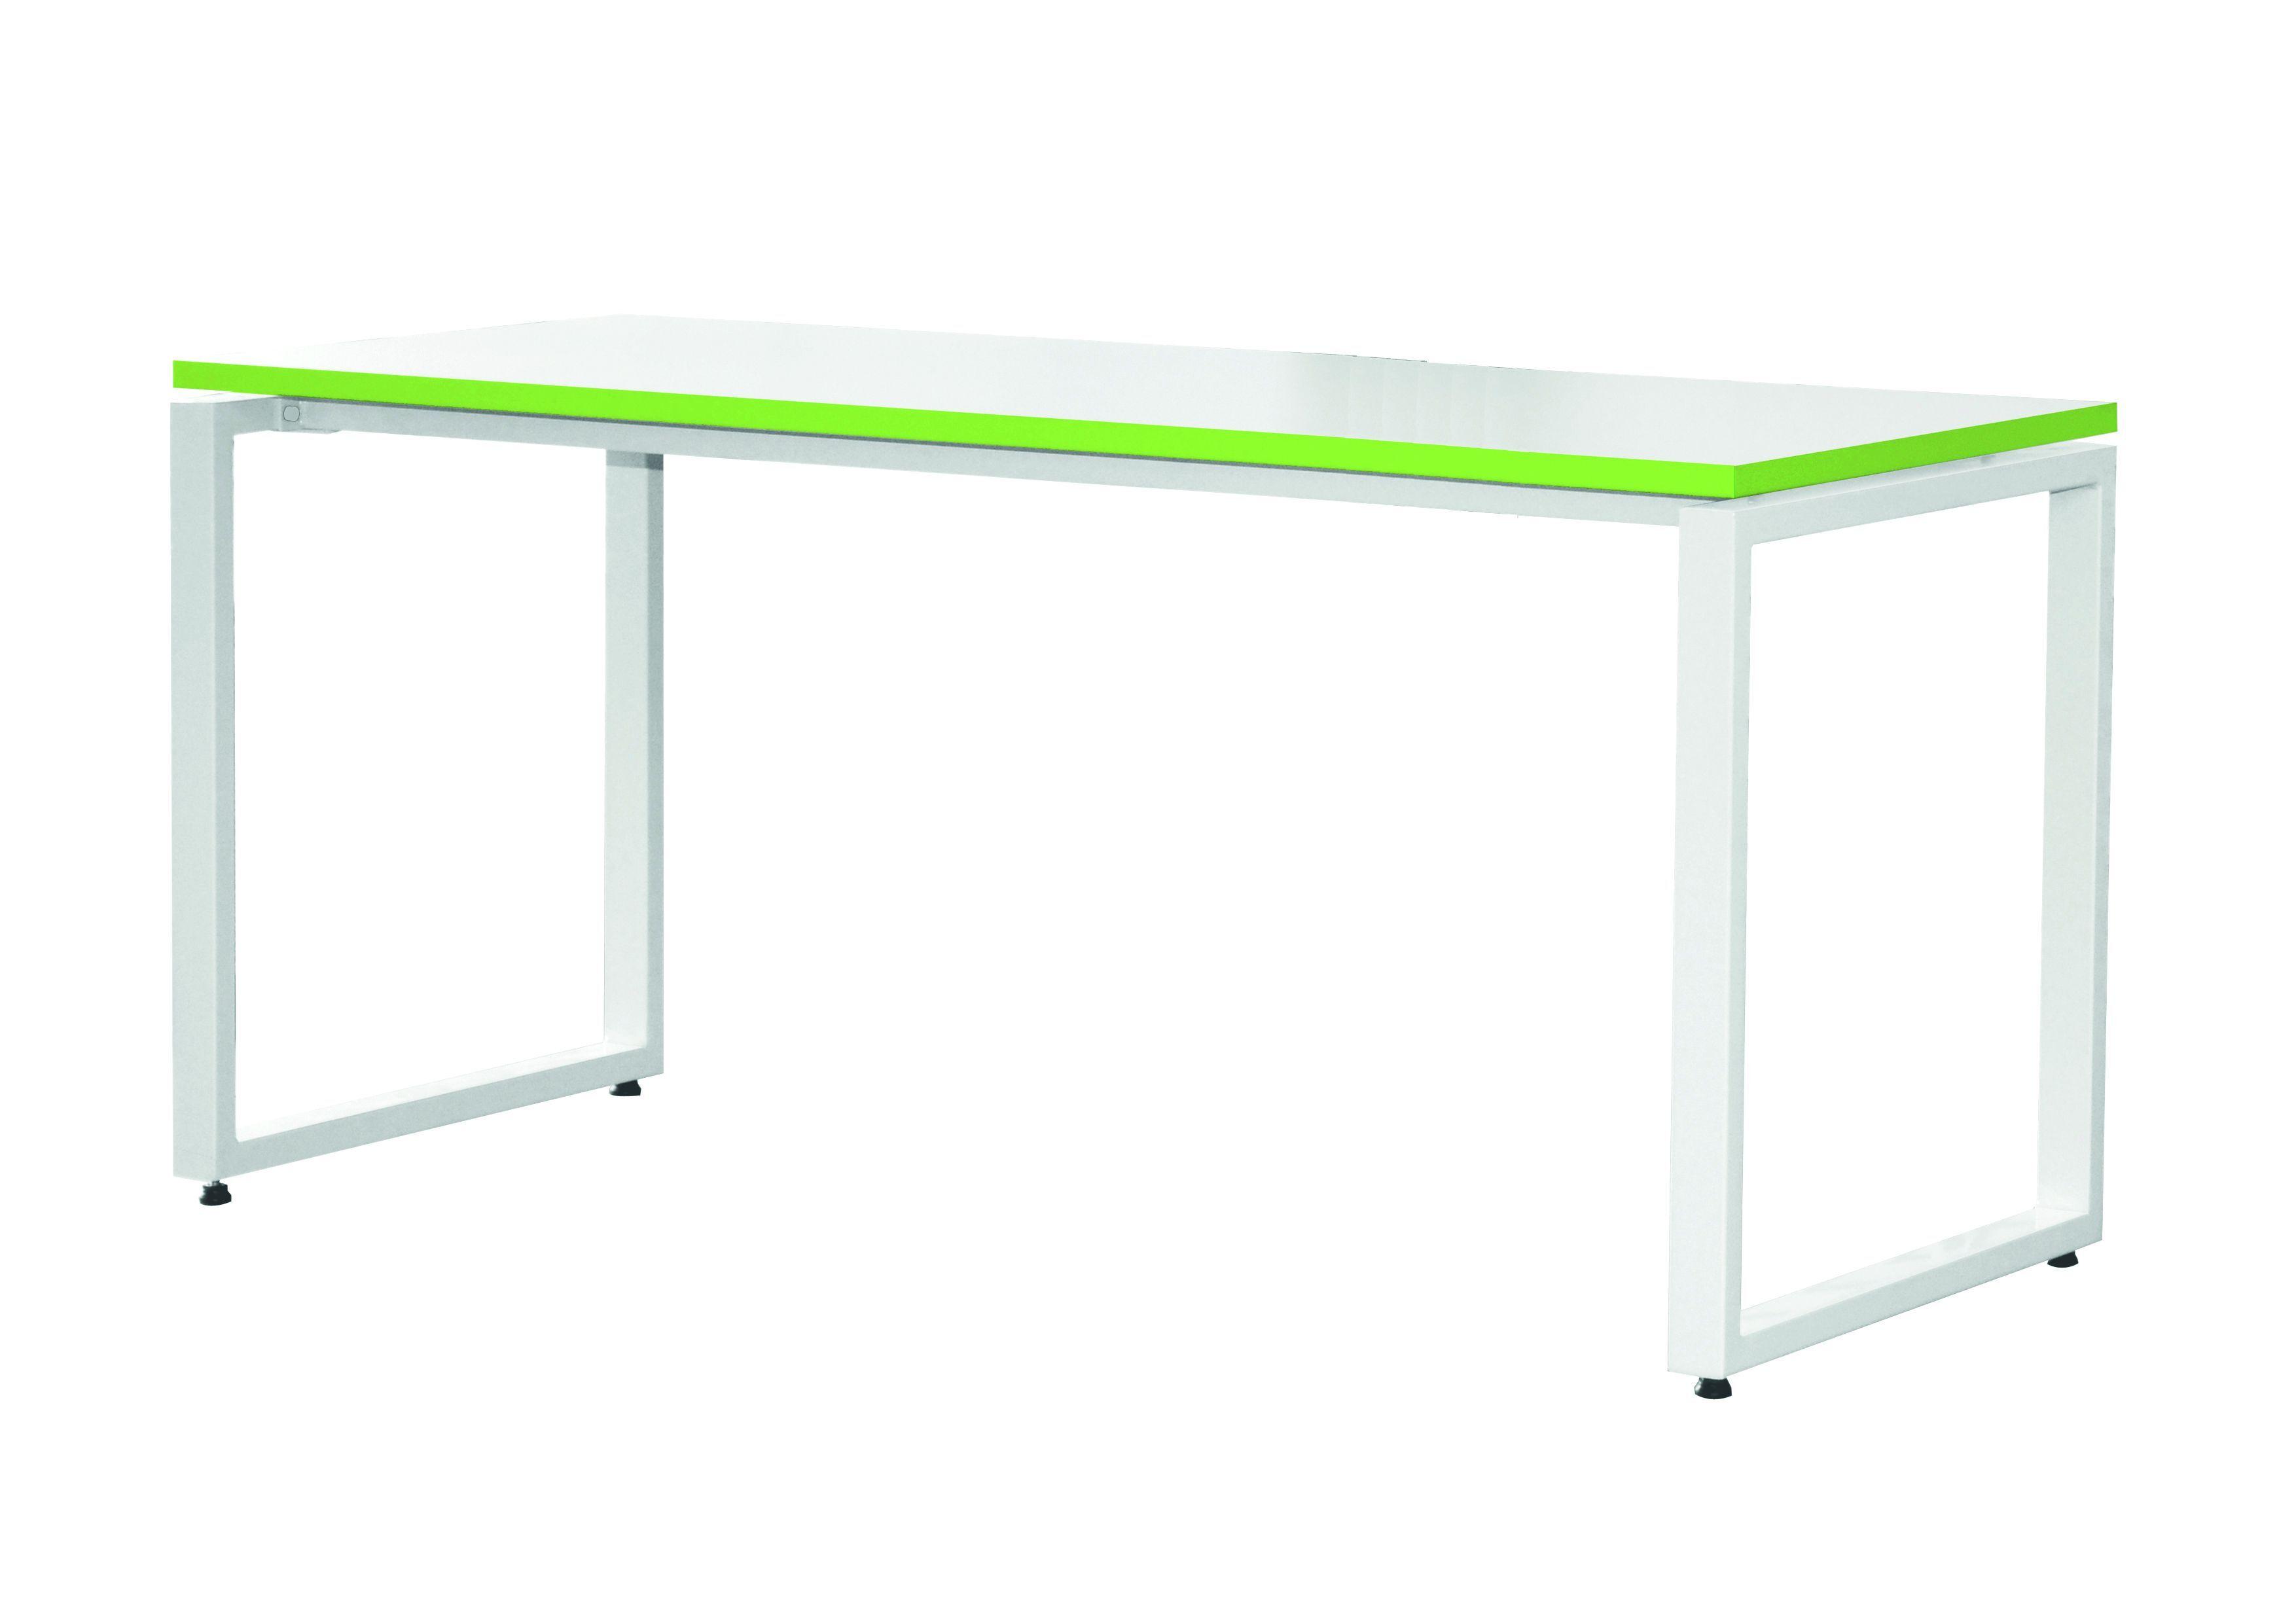 Bureau droit MT1 Elégance - L120 x P67 x H75 cm - pieds blancs - plateau blanc chants vert